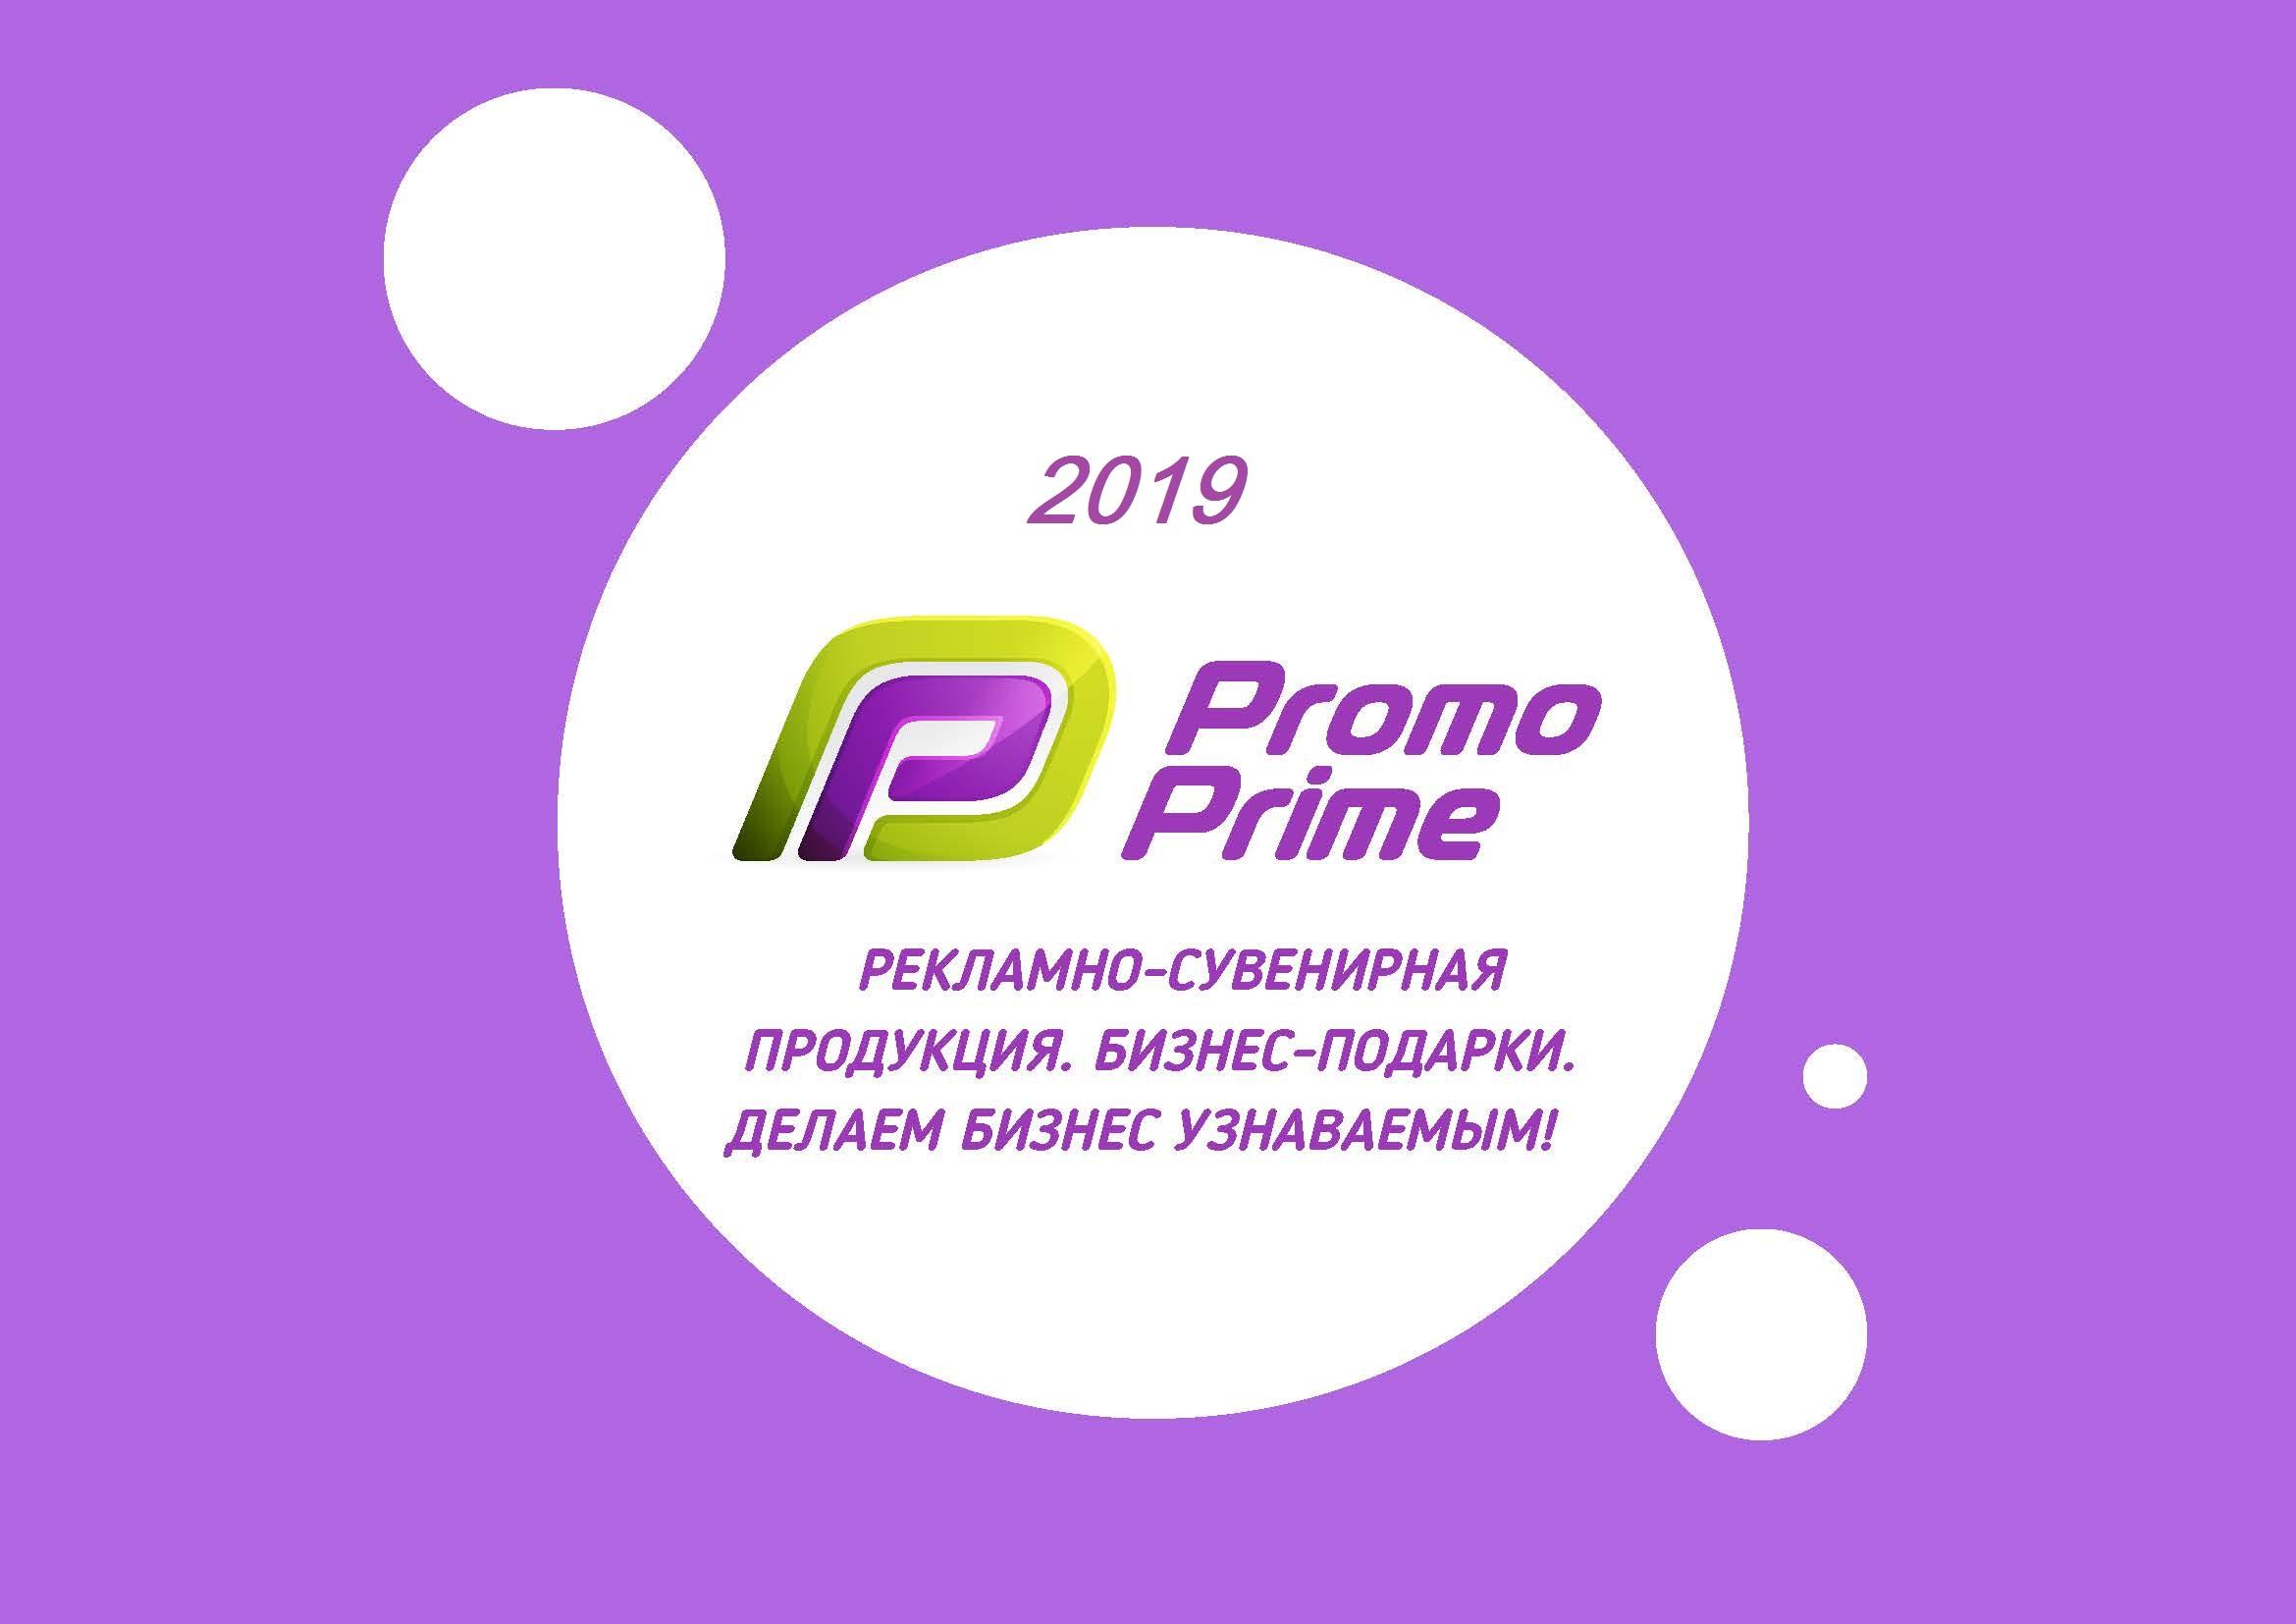 PromoPrime_info-kit_obshhij_Stranitsa_01